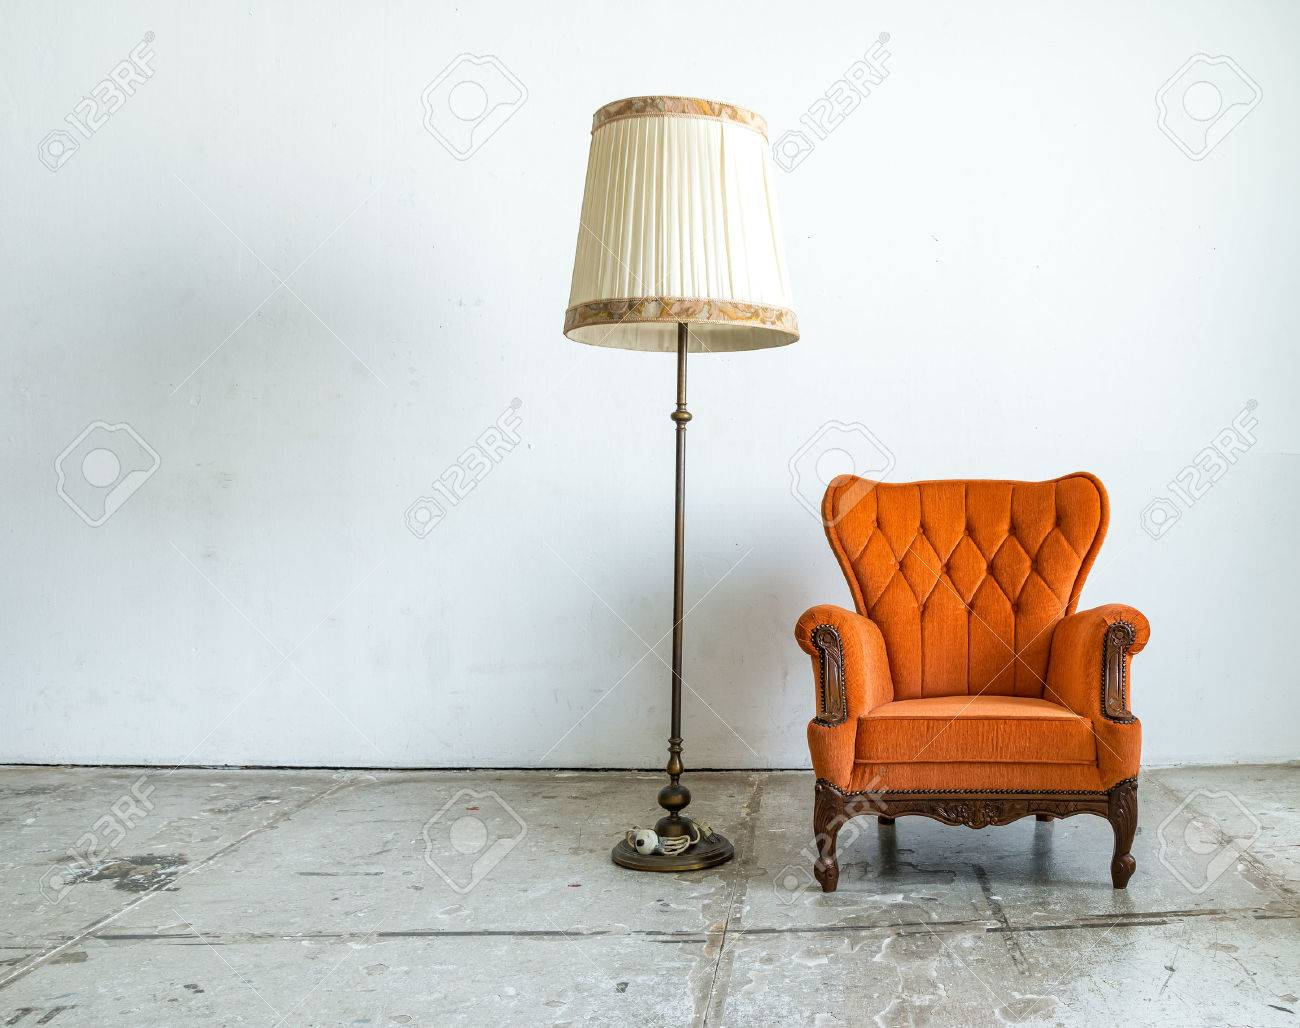 Style classique fauteuil canapé lit dans la chambre vintage avec